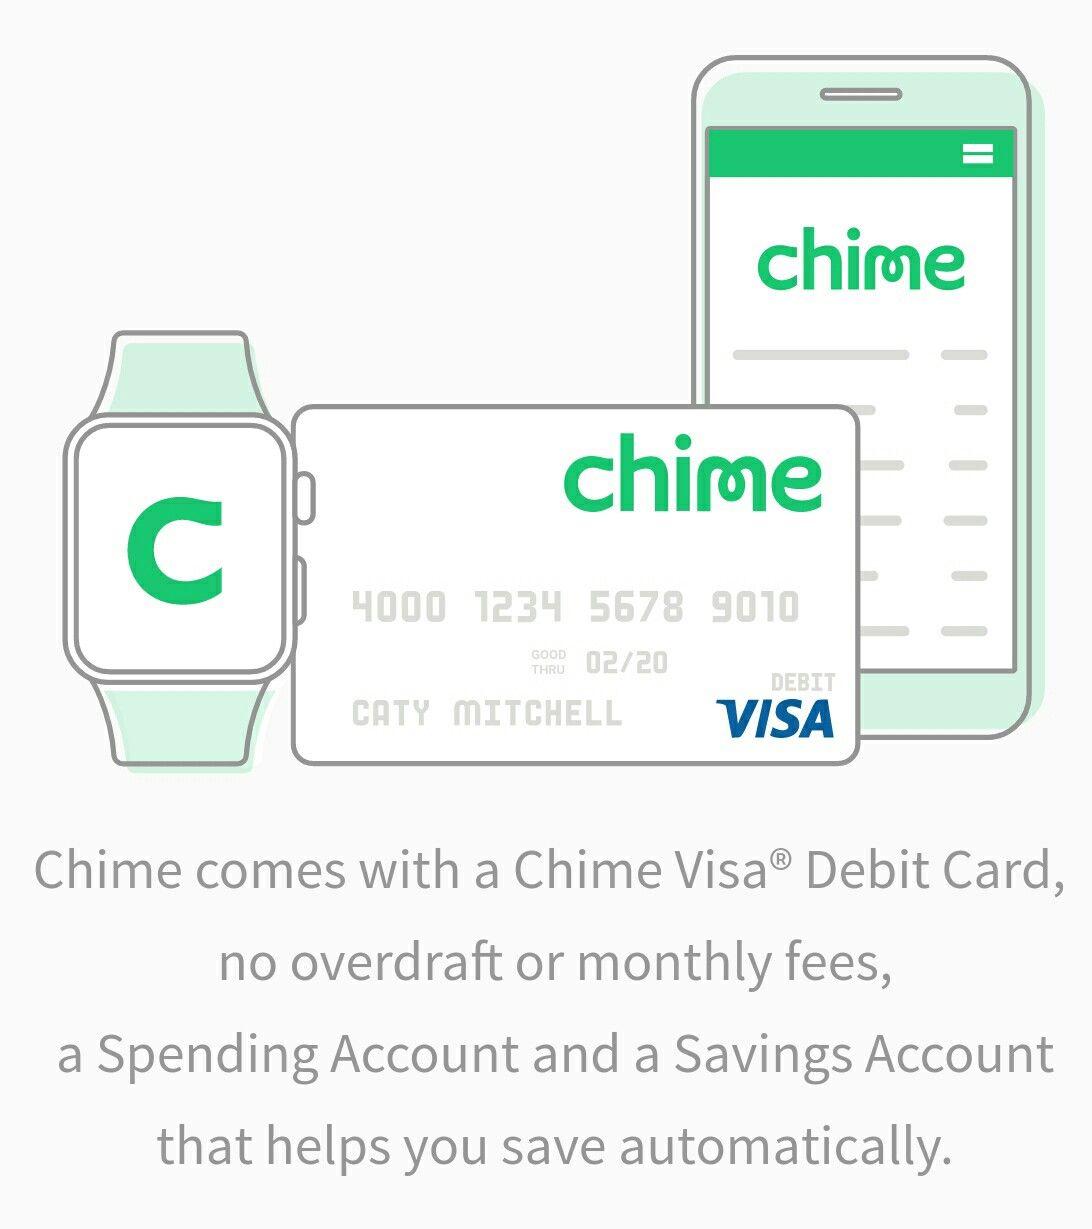 Chime Banking Visa debit card, Banking app, Banking